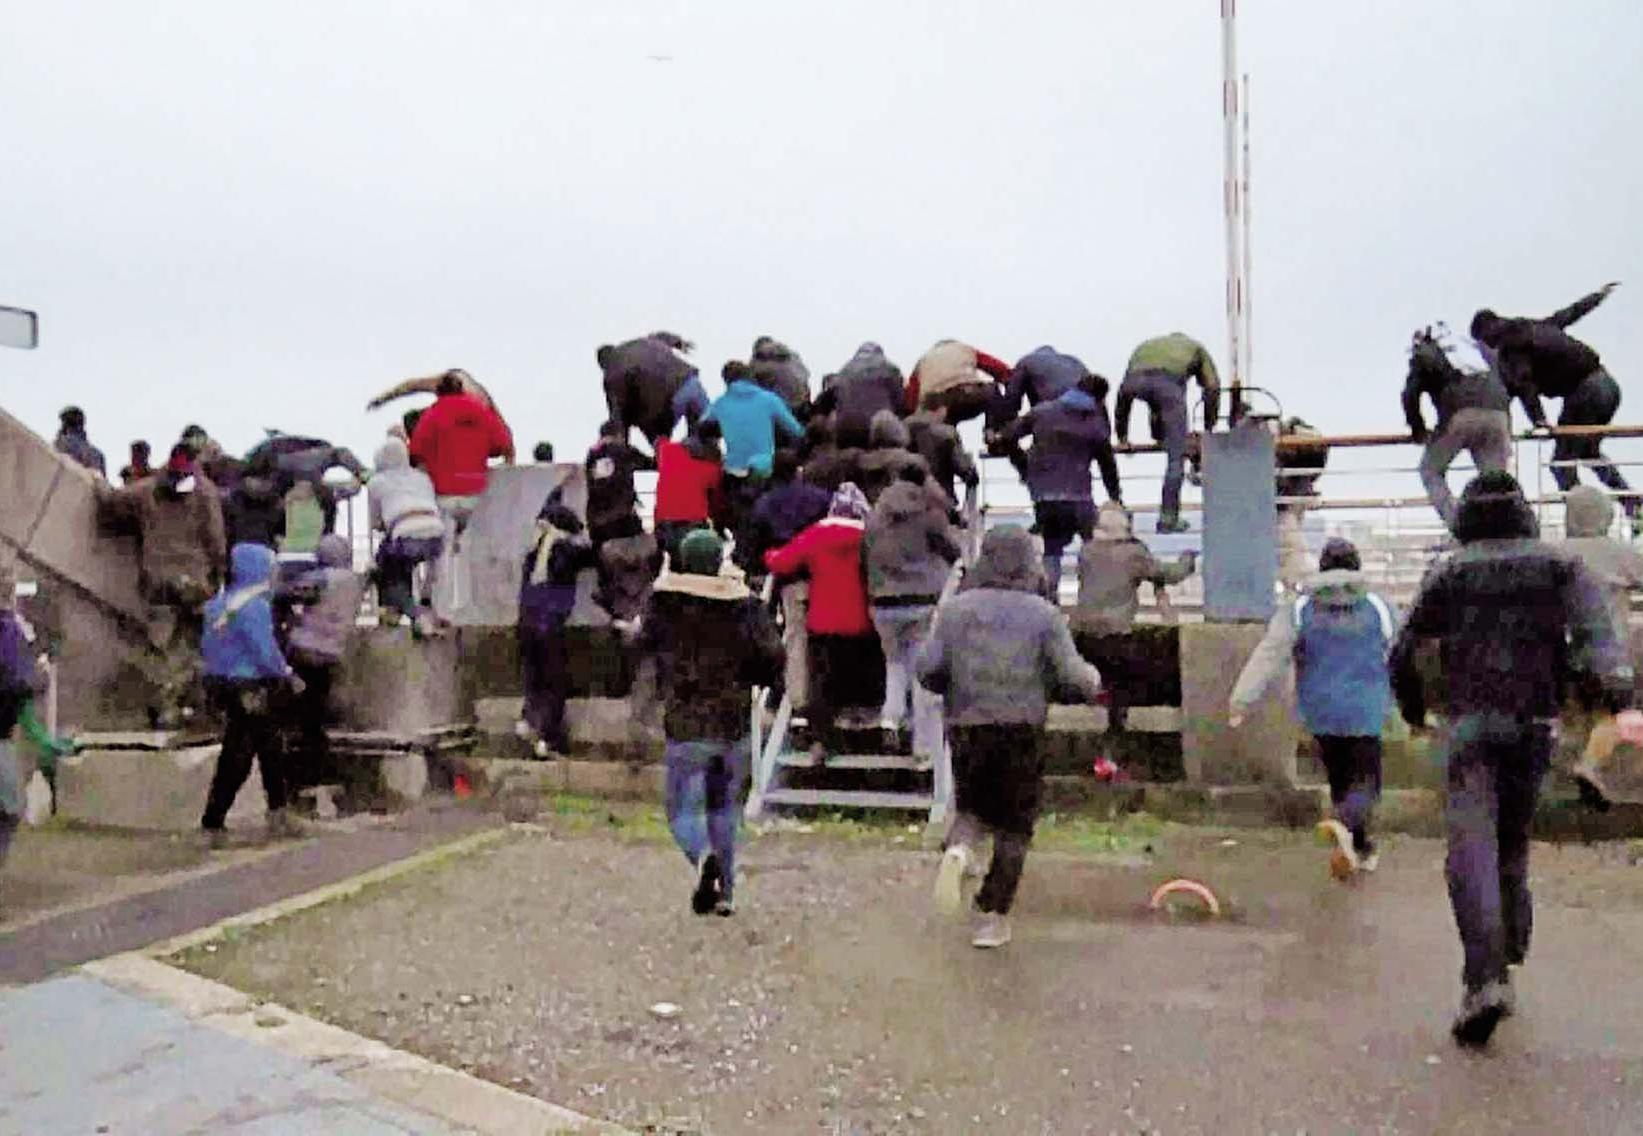 釀暴動35人被捕